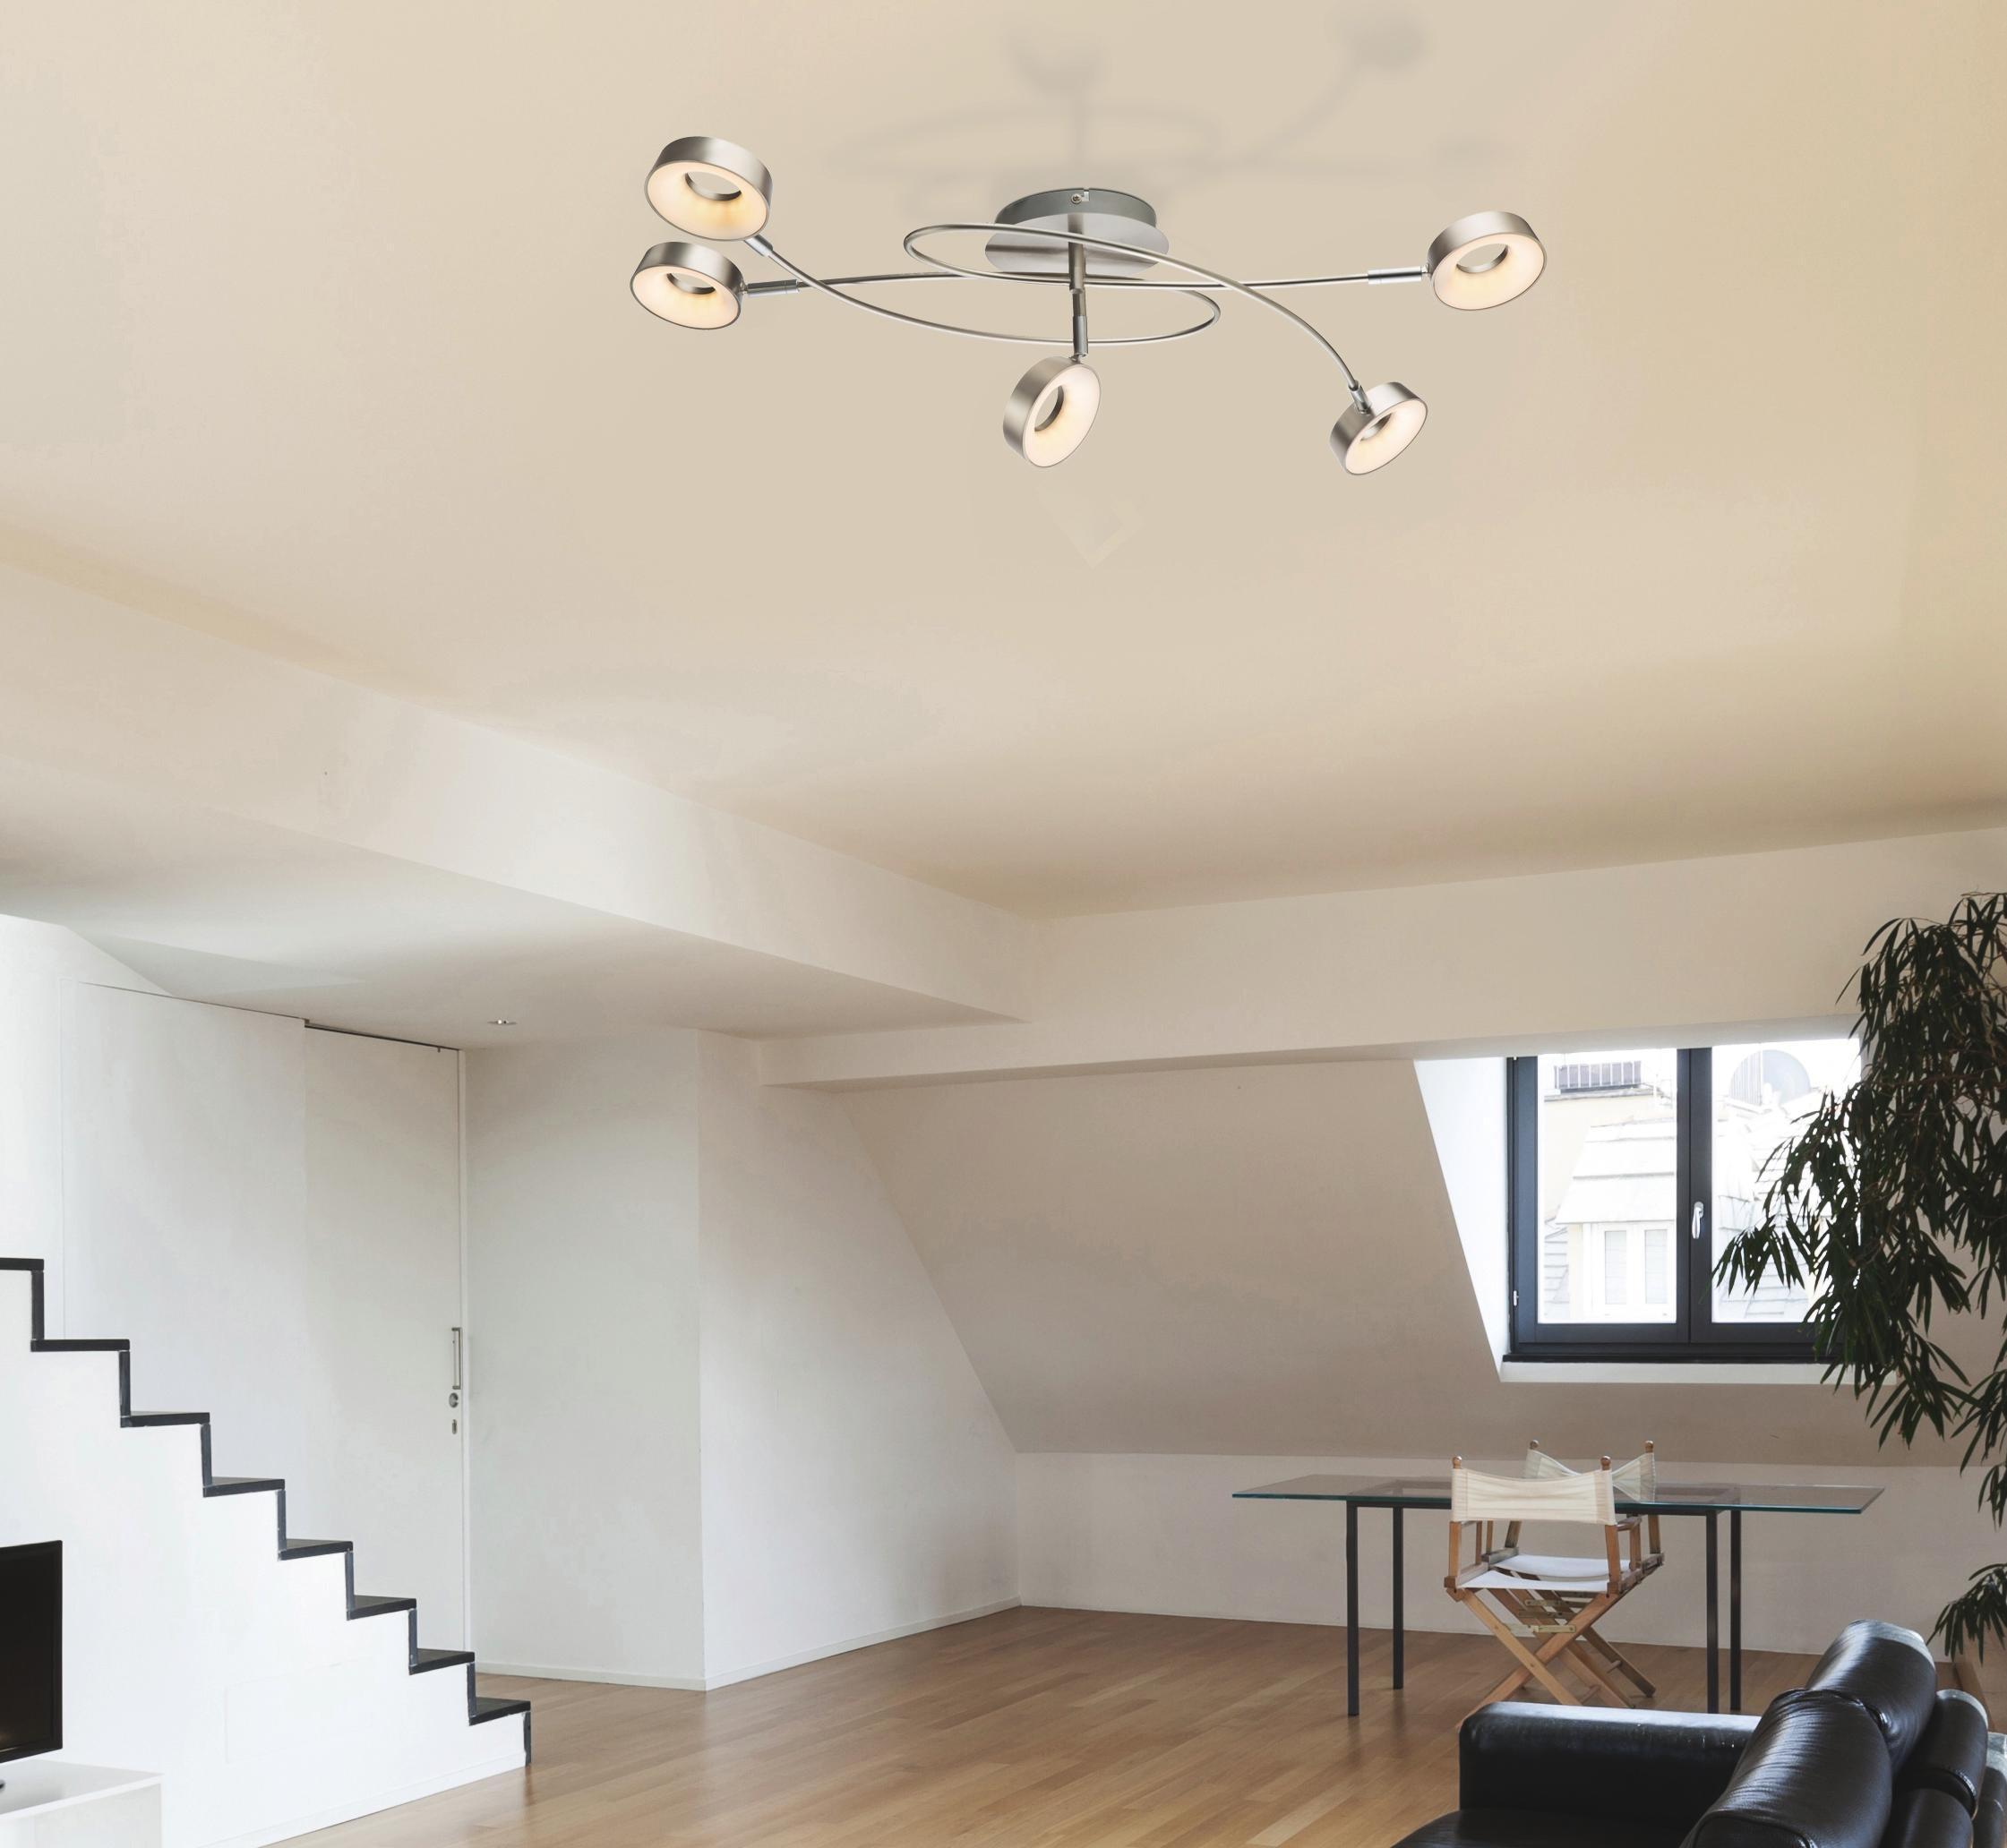 Moderne Led-deckenleuchte Leuchte Lampe Oberfläche Montieren Wohnzimmer Schlafzimmer Bad Fernbedienung Hause Dekoration Küche Farben Sind AuffäLlig Licht & Beleuchtung Deckenleuchten & Lüfter